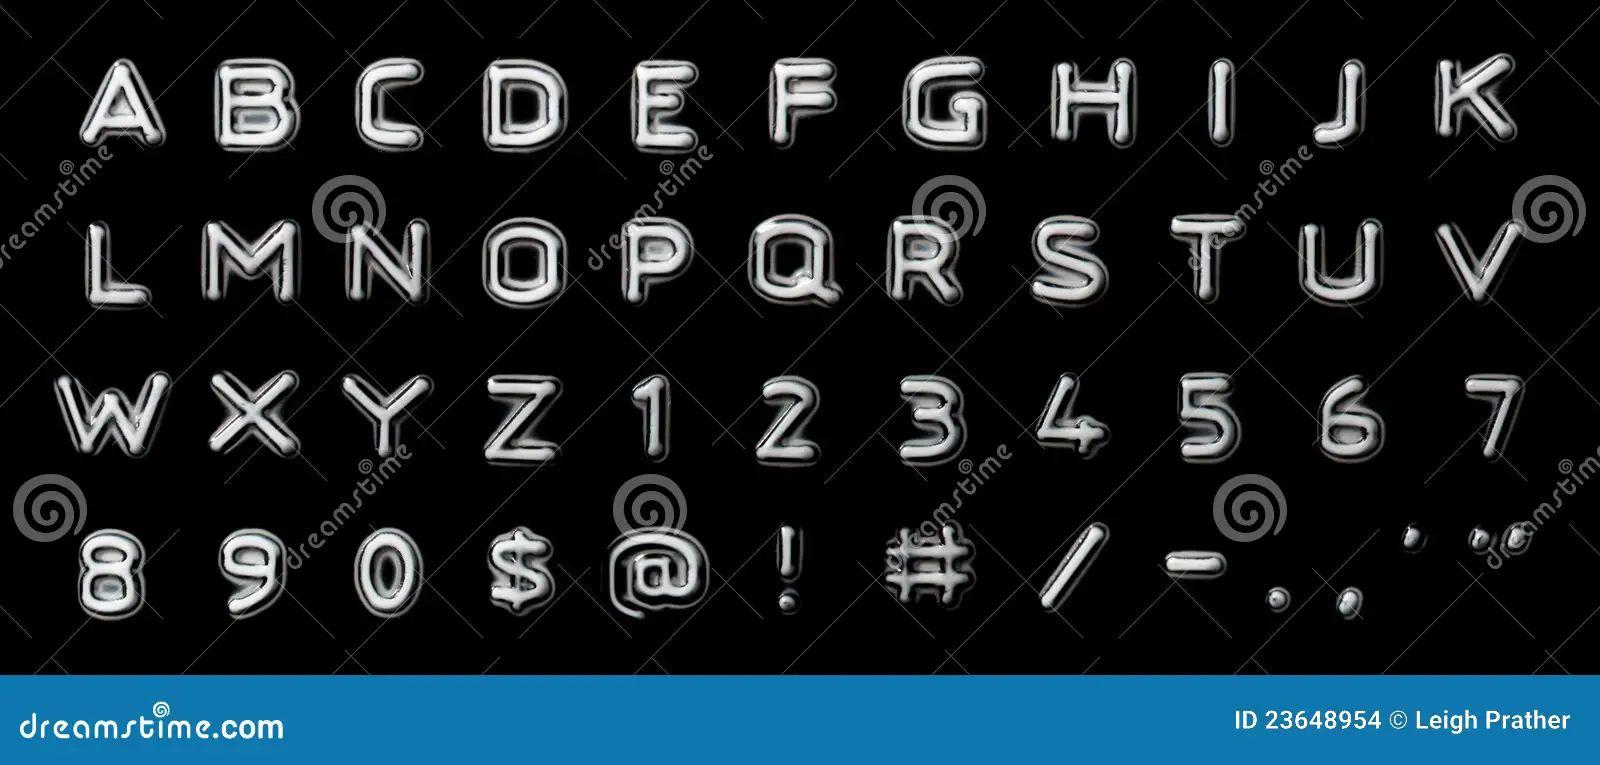 letter word maker